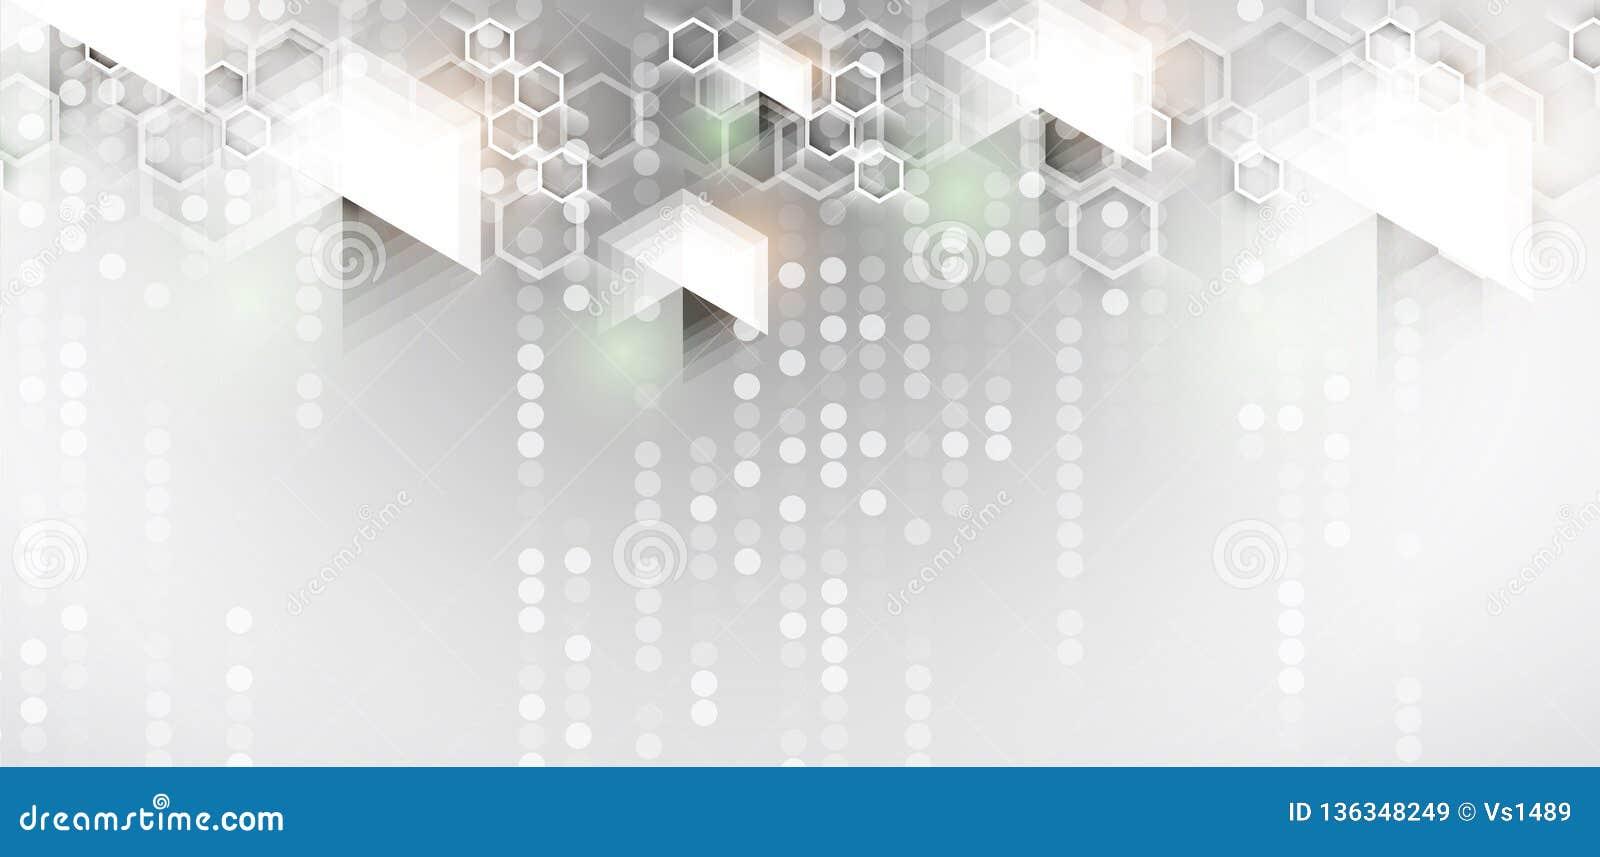 Abstrakter Hexagonhintergrund Technologie poligonal Entwurf Futuristischer Minimalismus Digital